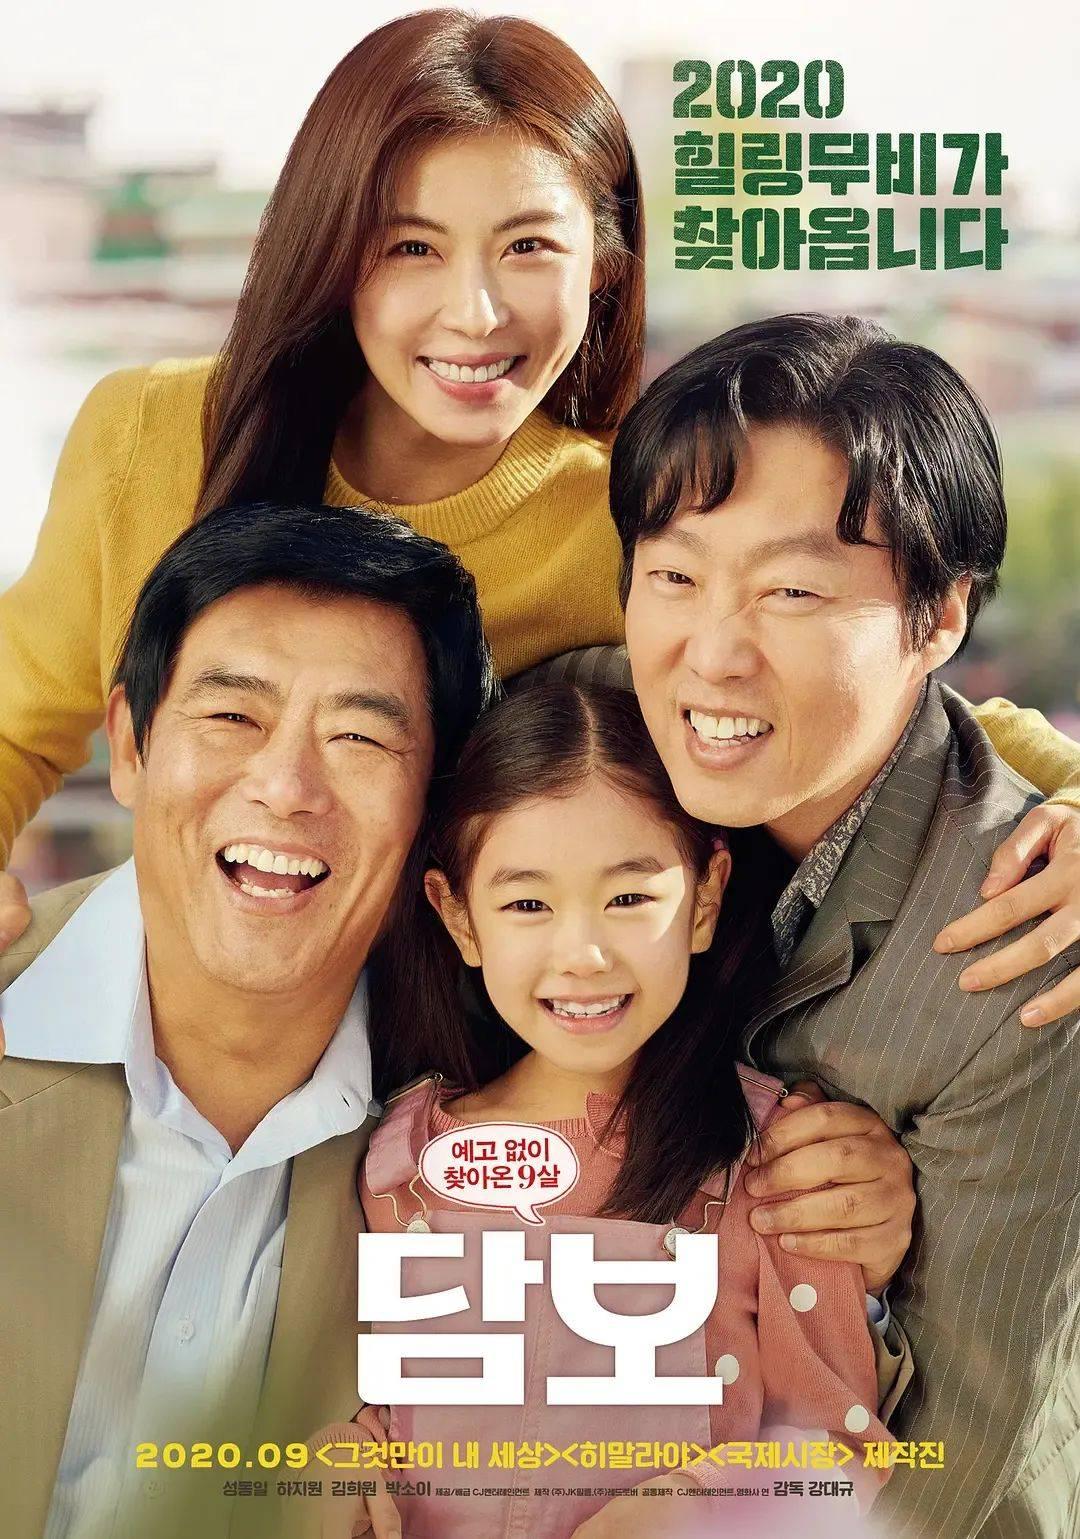 这部催泪大片,给疫后韩国电影打了一剂鸡血